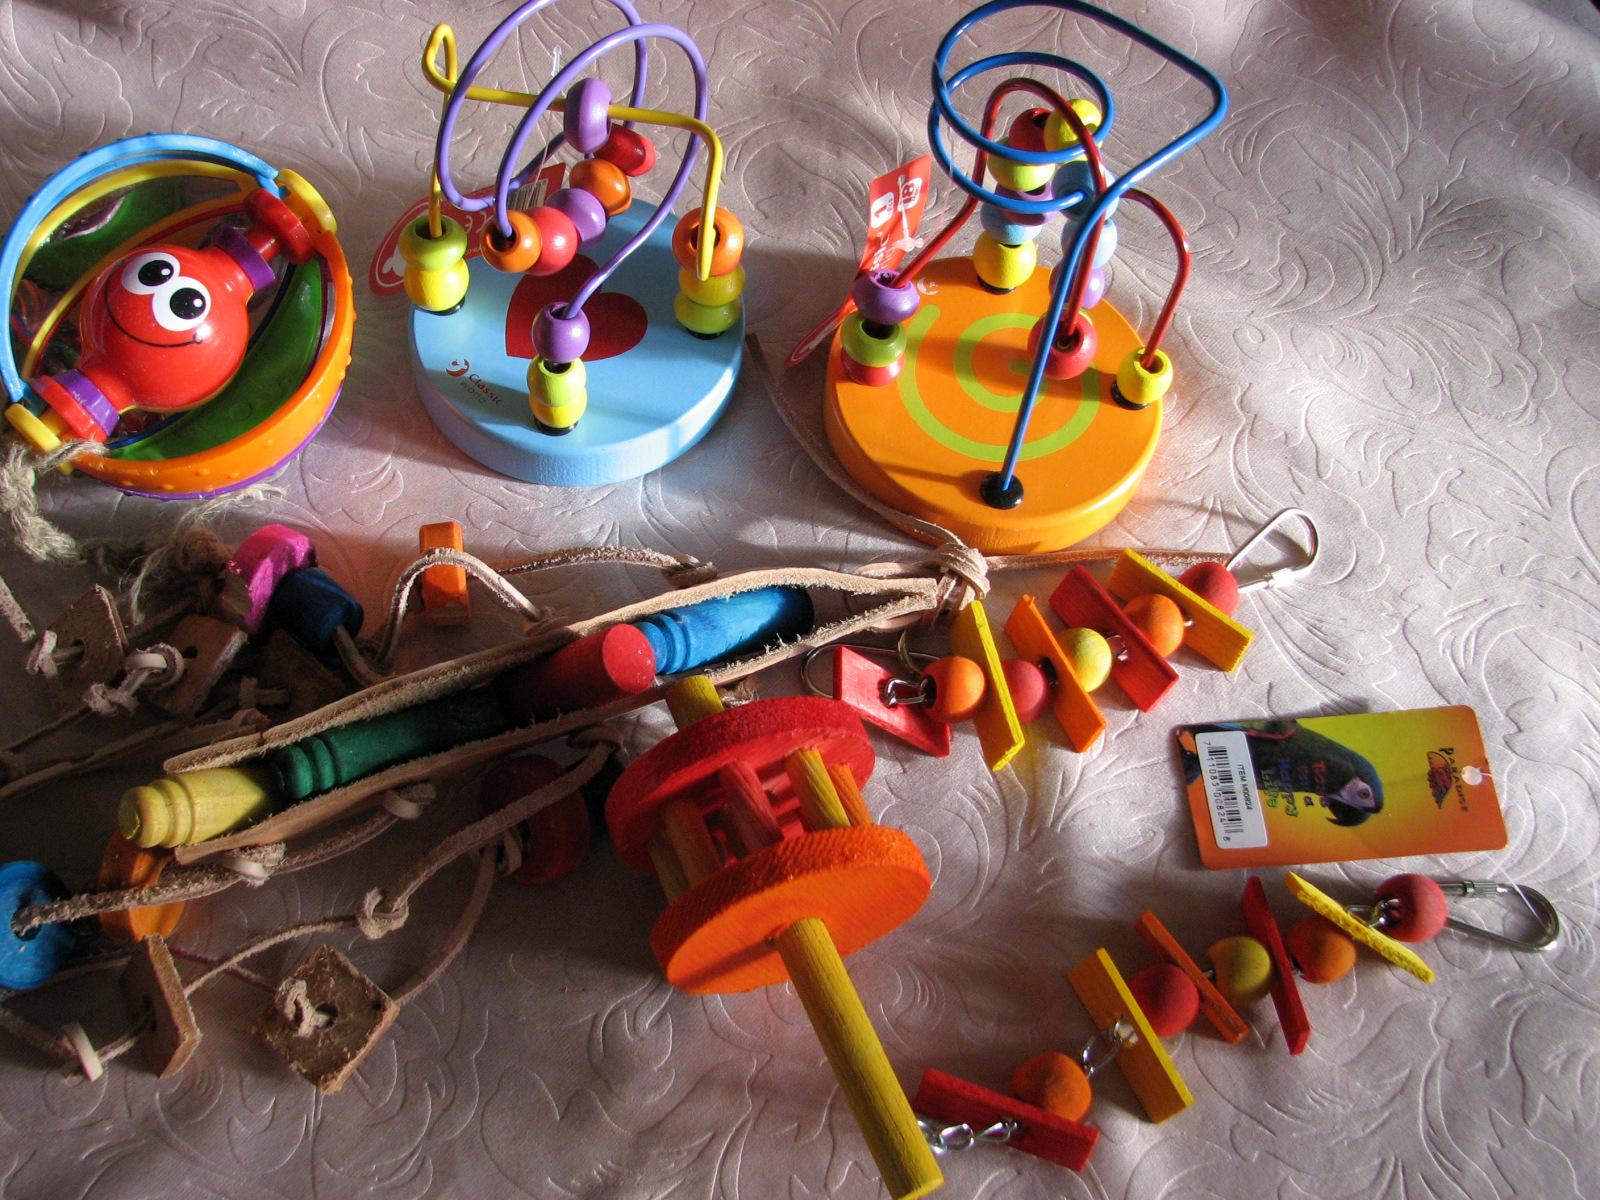 Arendavad mänguasjad Svmlwx